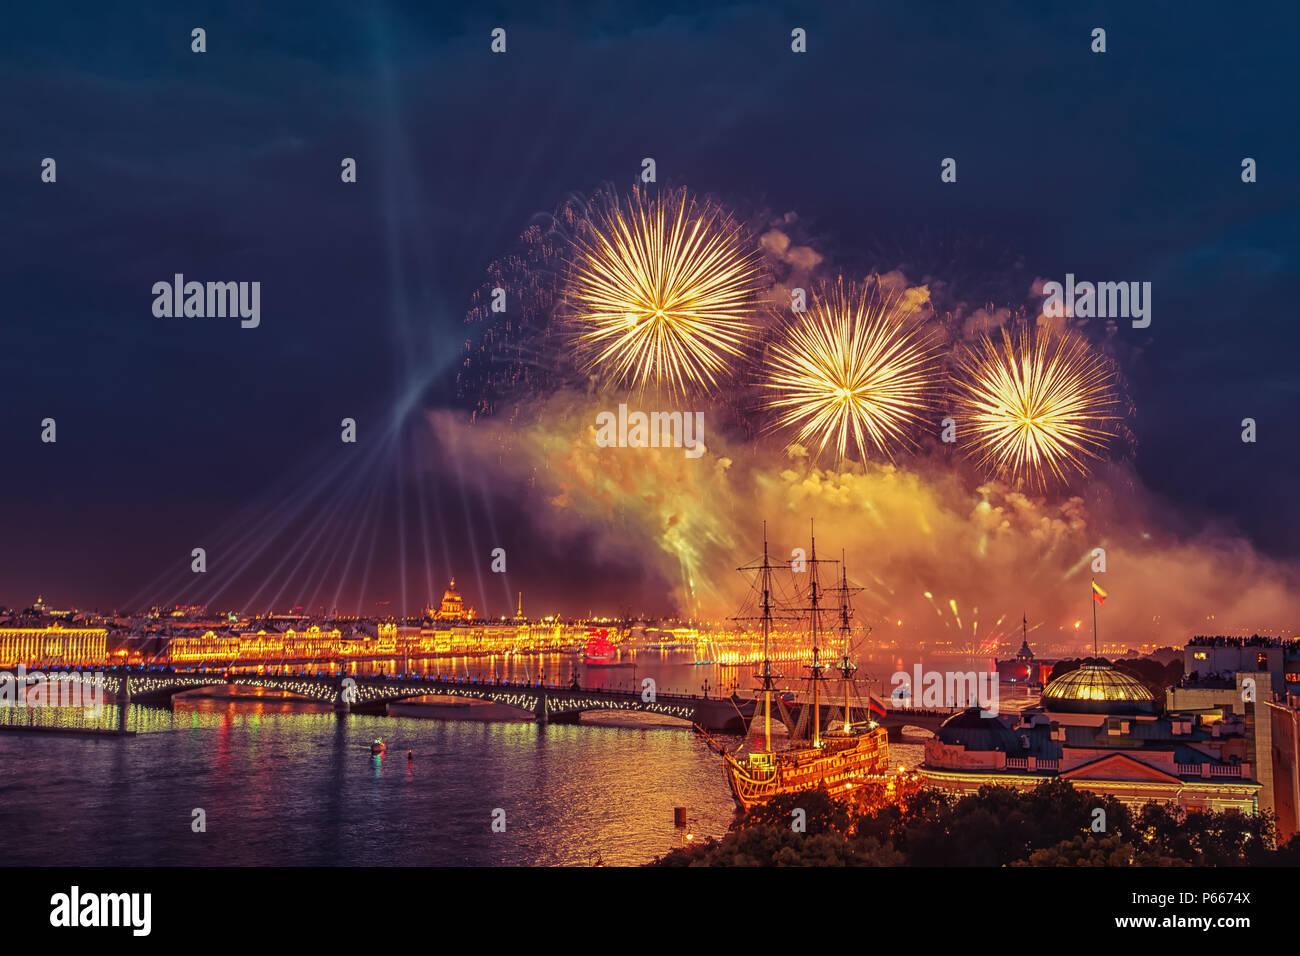 Fuochi d'artificio di festa di San Pietroburgo. Scarlet Sails Celebrazione a San Pietroburgo. Immagini Stock